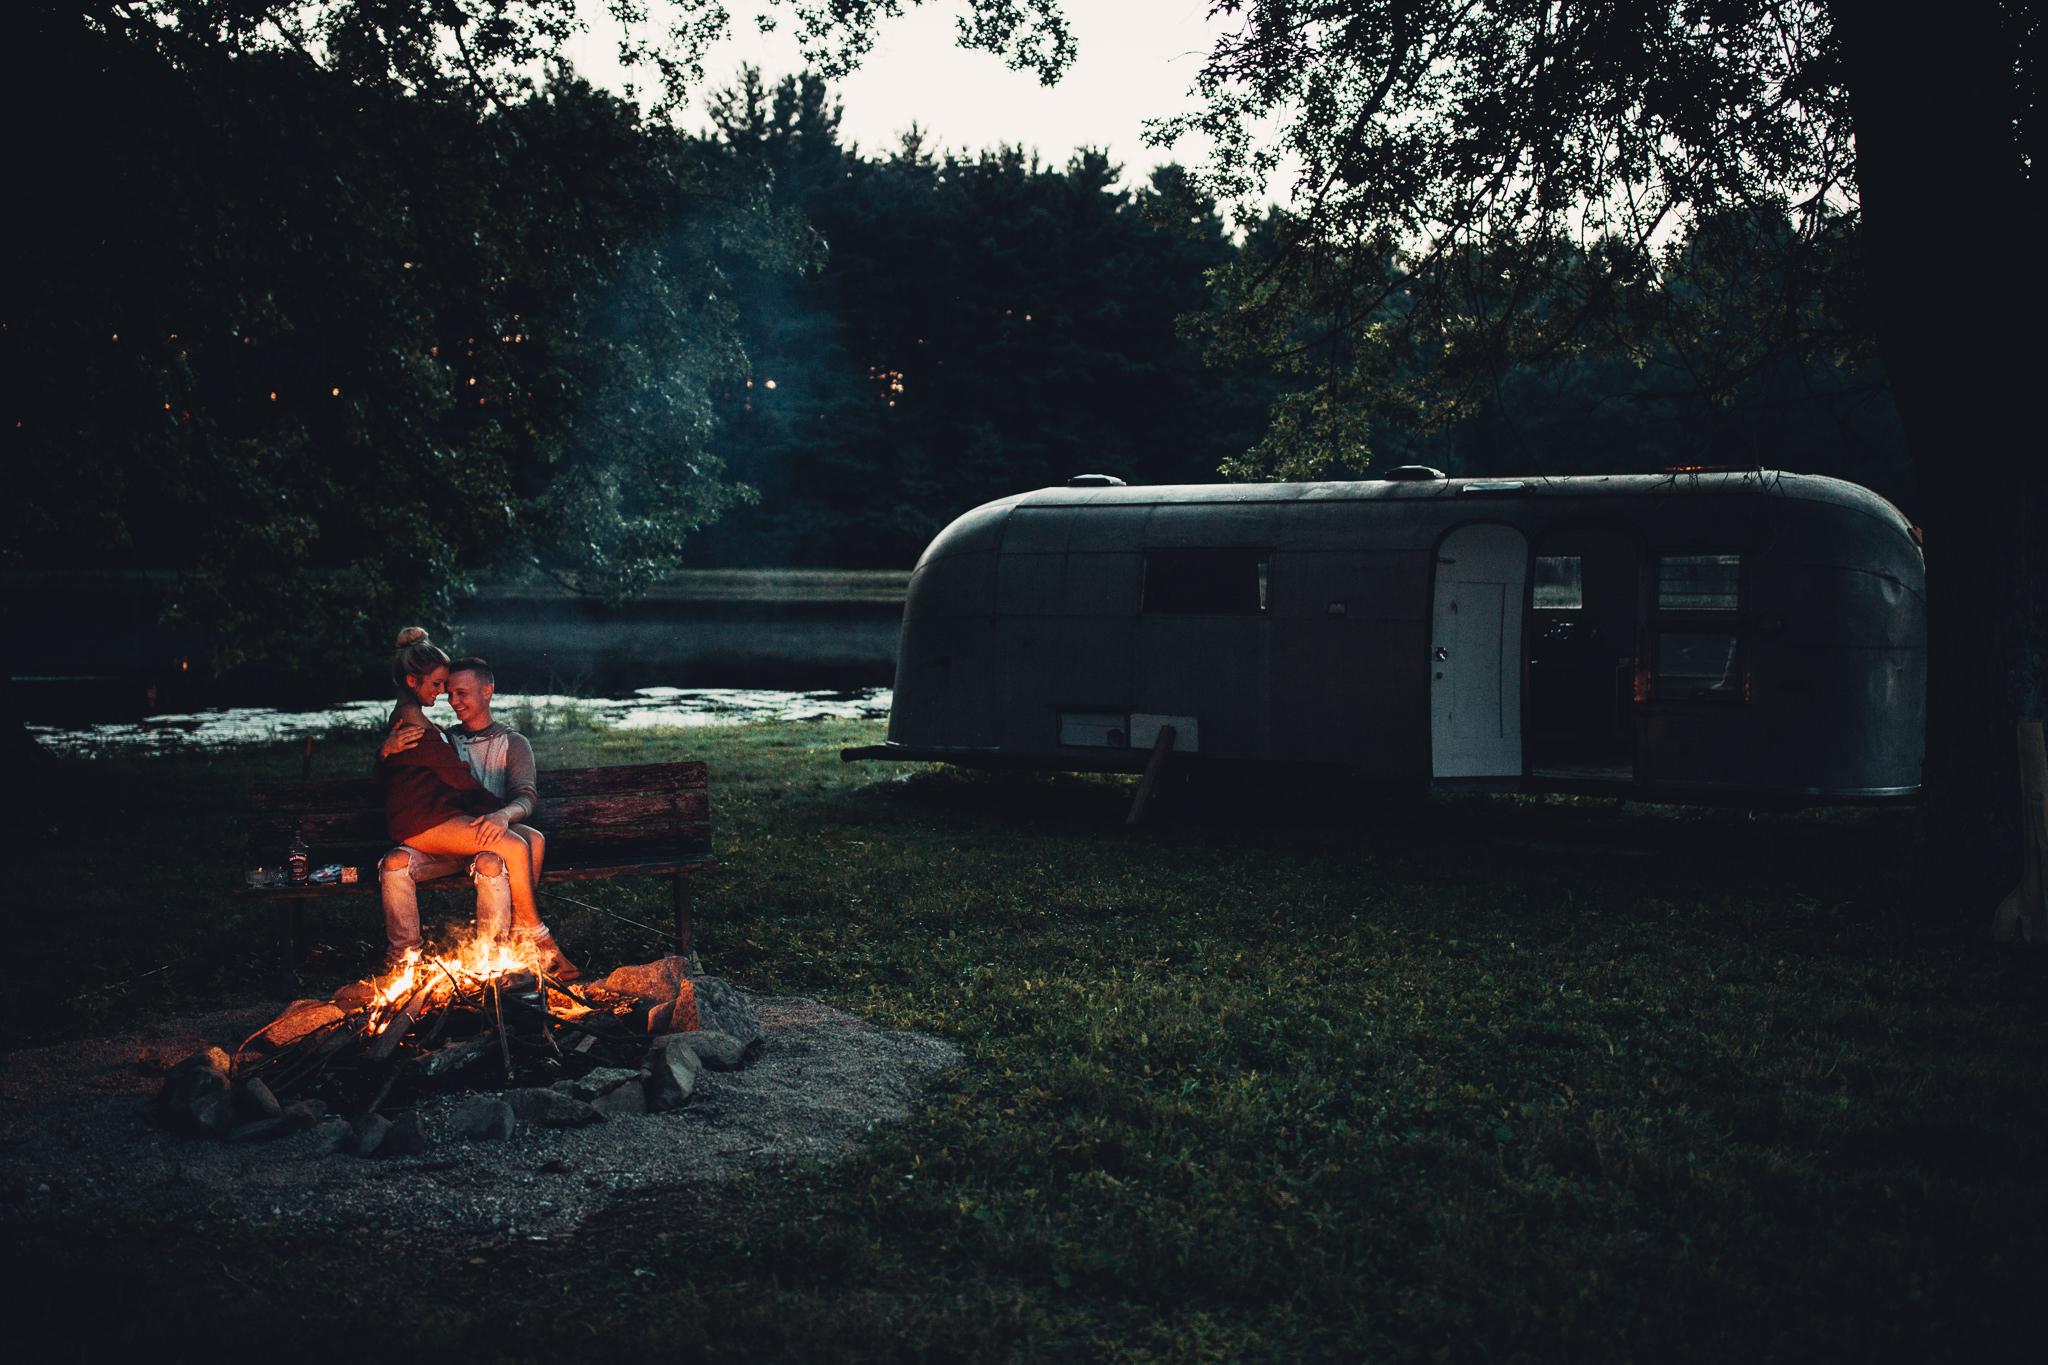 airstream campsite location